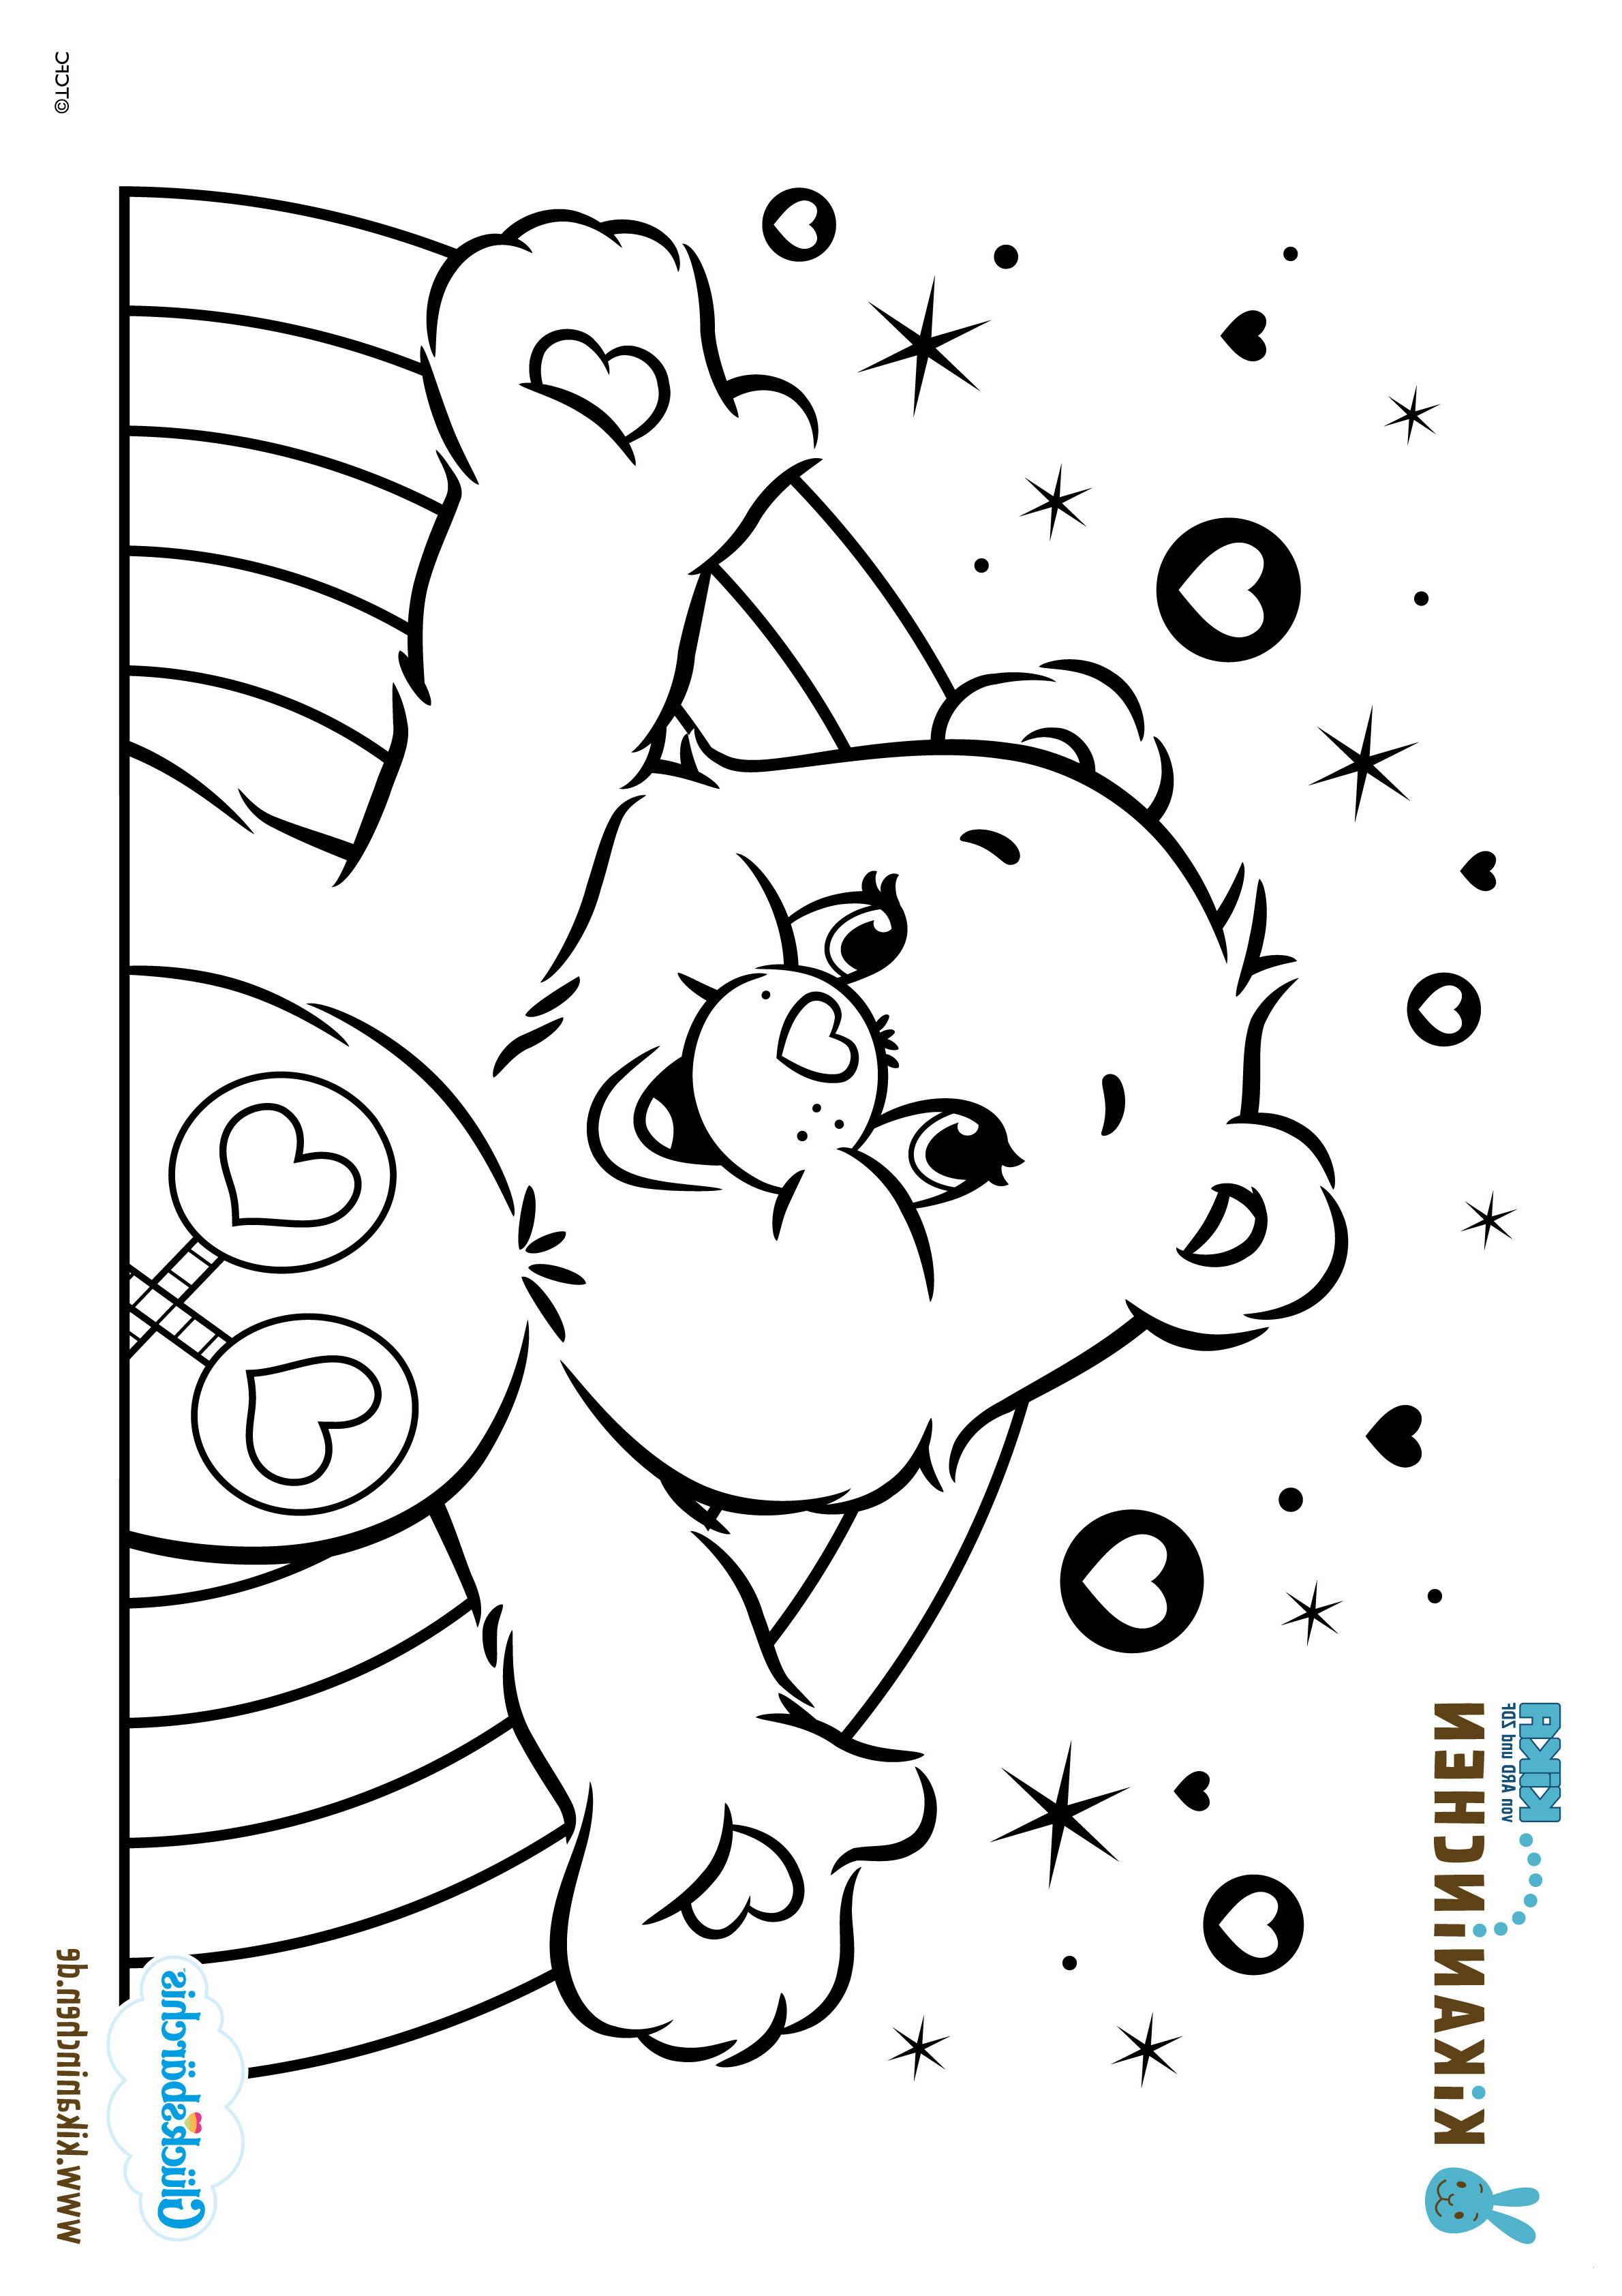 Ben Und Holly Ausmalbilder Genial 44 Beste Von Ausmalbilder Kikaninchen – Große Coloring Page Sammlung Das Bild